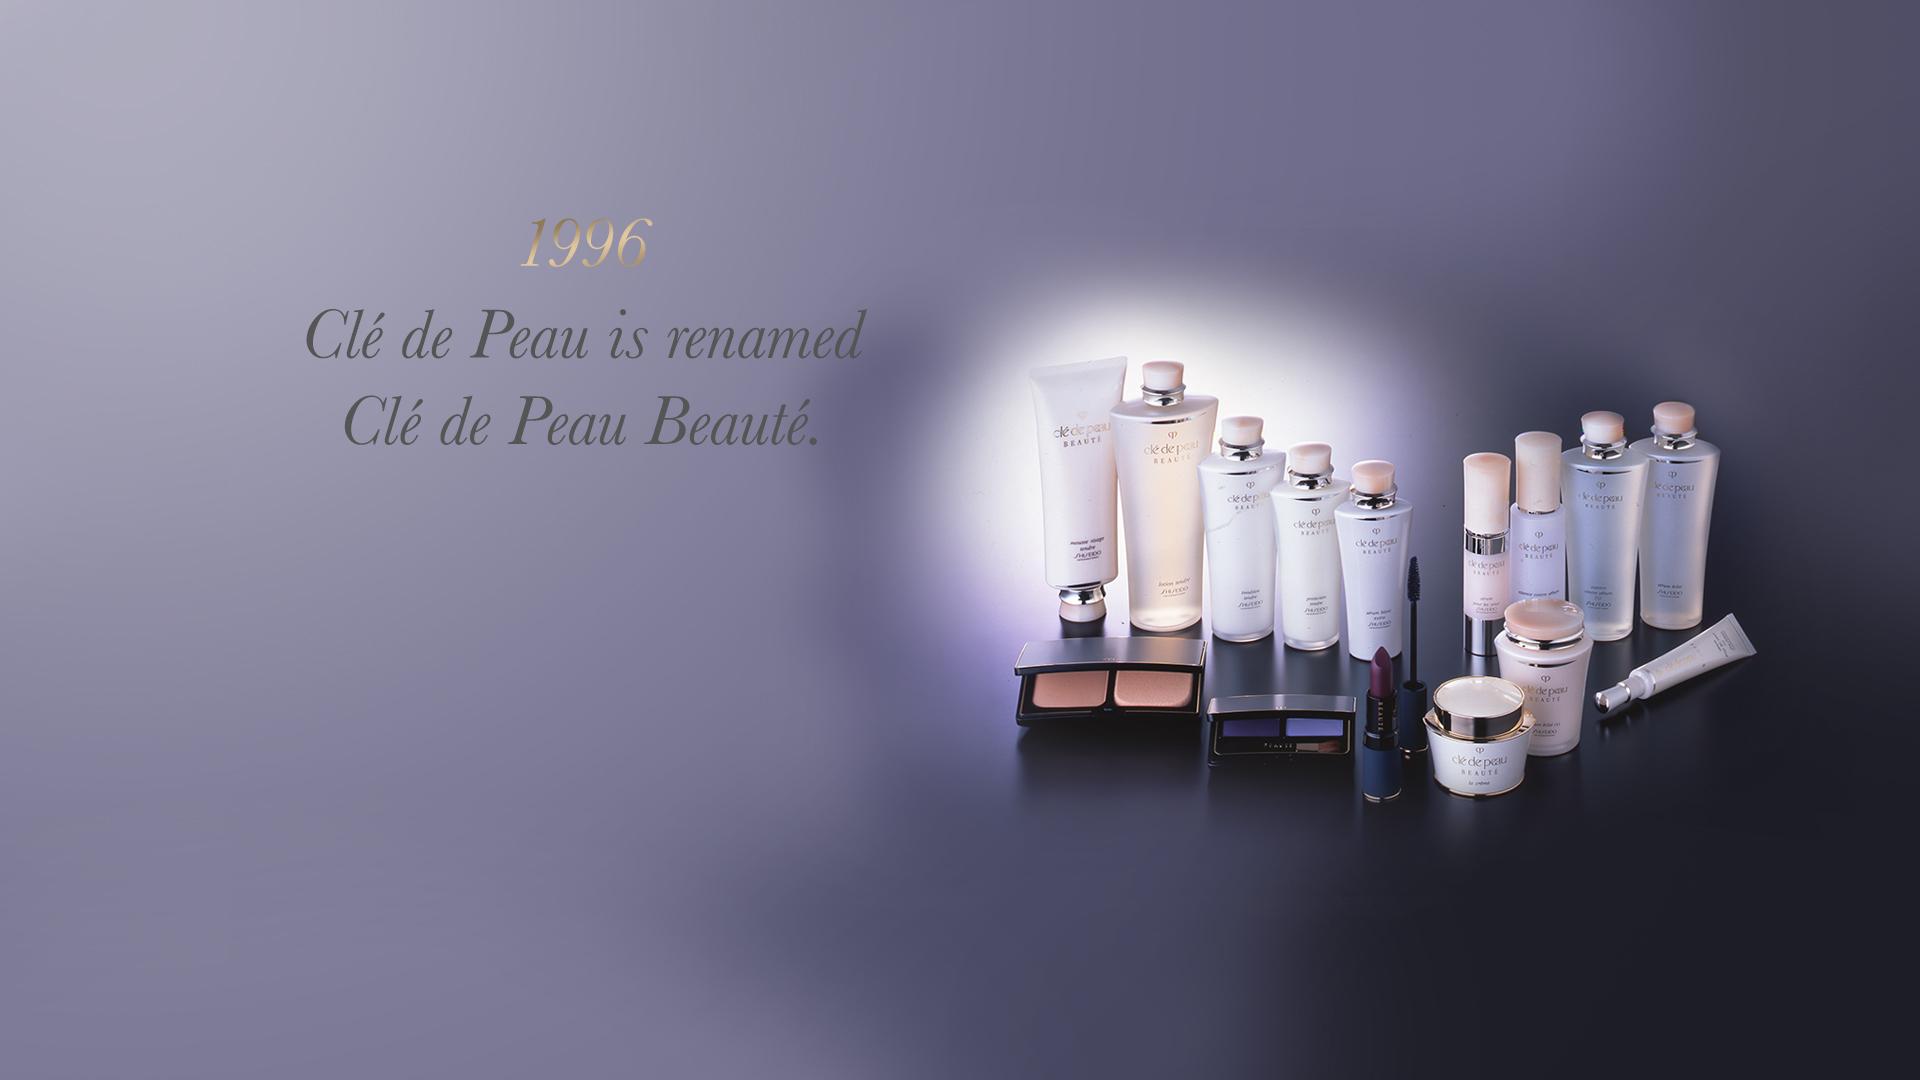 Clé de Peau is renamed Clé de Peau Beauté.